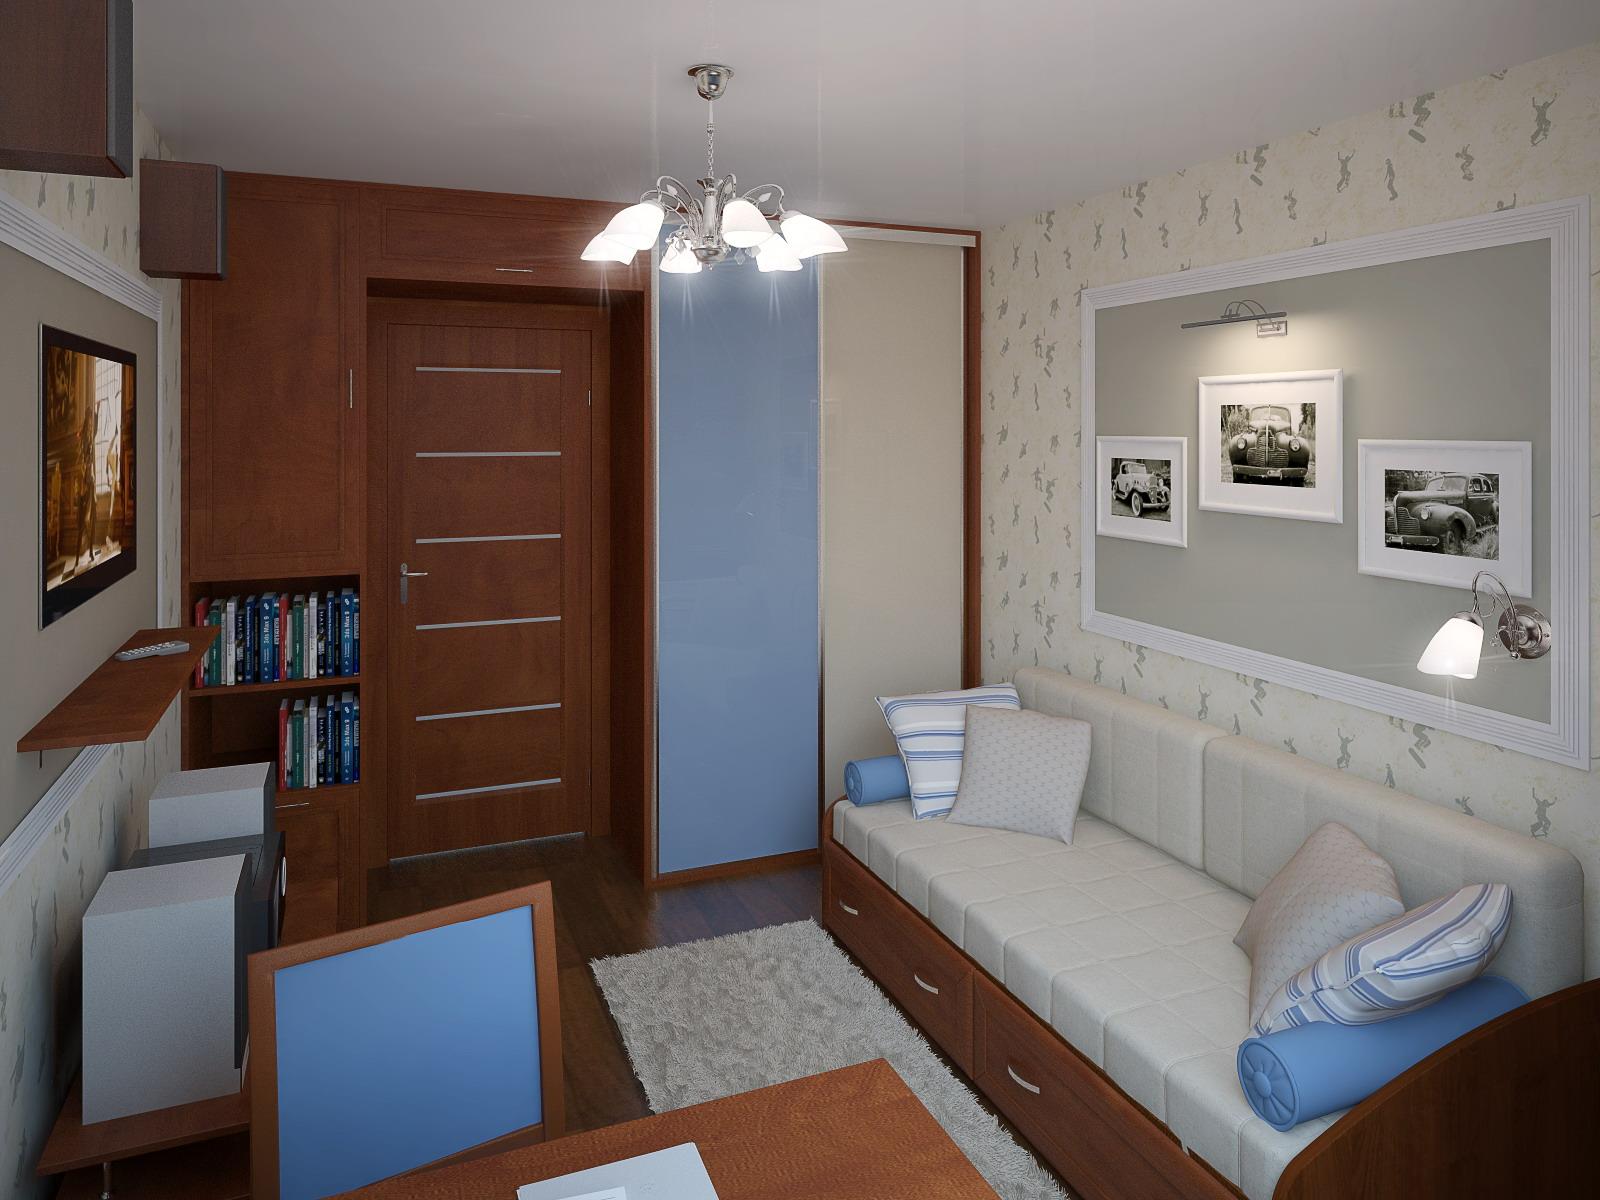 Дизайн туалета в квартире: 115 фото, интерьер туалета 2 кв